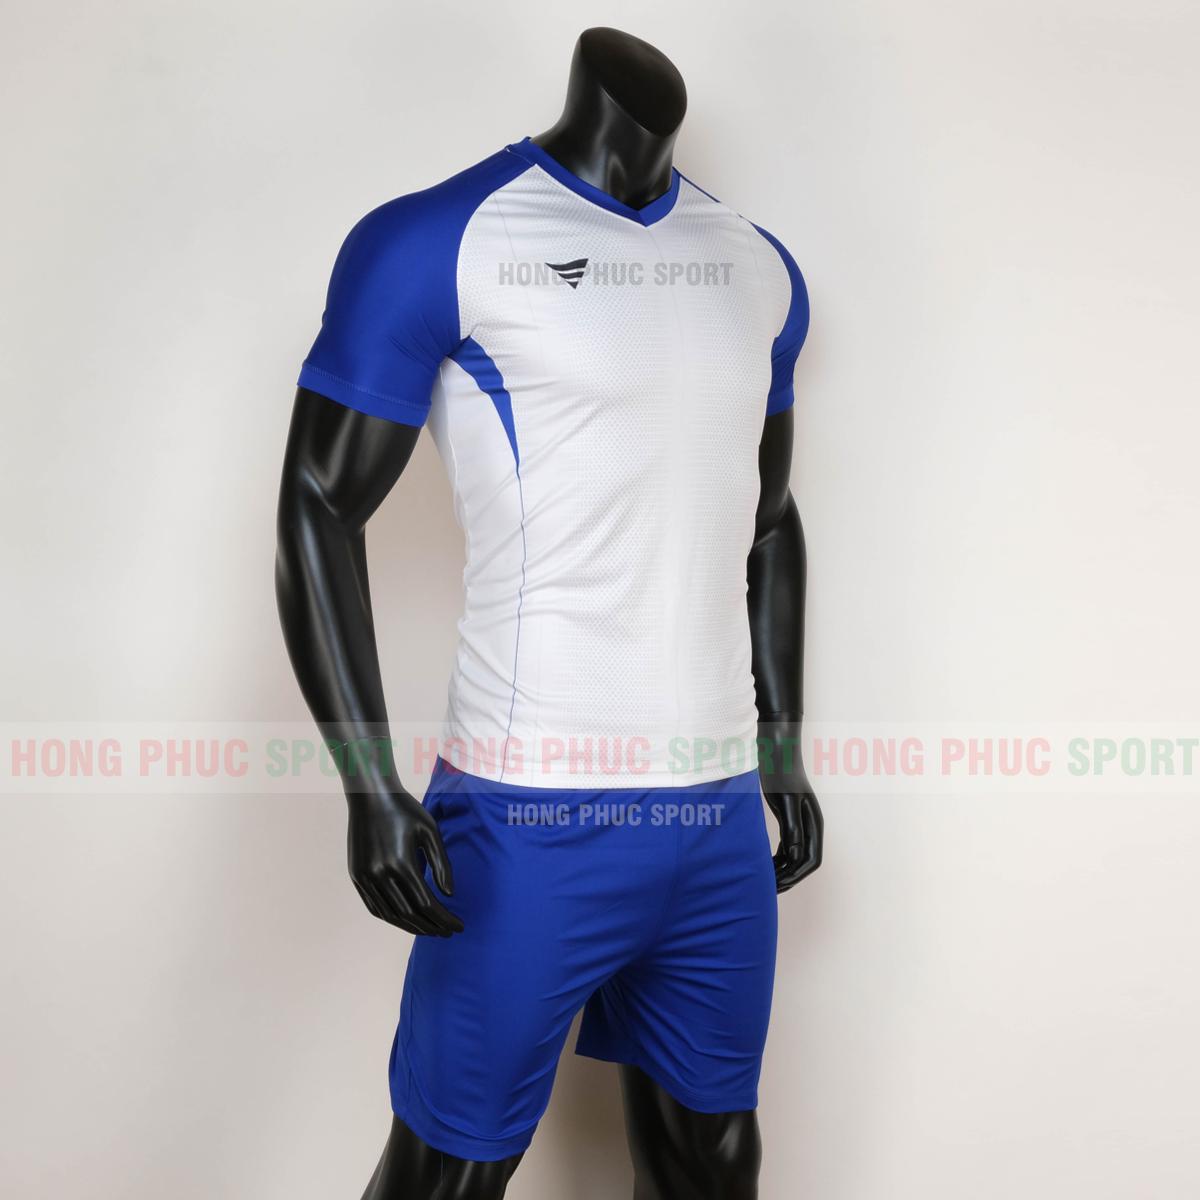 https://cdn.hongphucsport.com/unsafe/cdn.hongphucsport.com/dothethao.net.vn/wp-content/uploads/2020/01/ao-bong-da-khong-logo-winroad-2020-trang-xanh-4.png